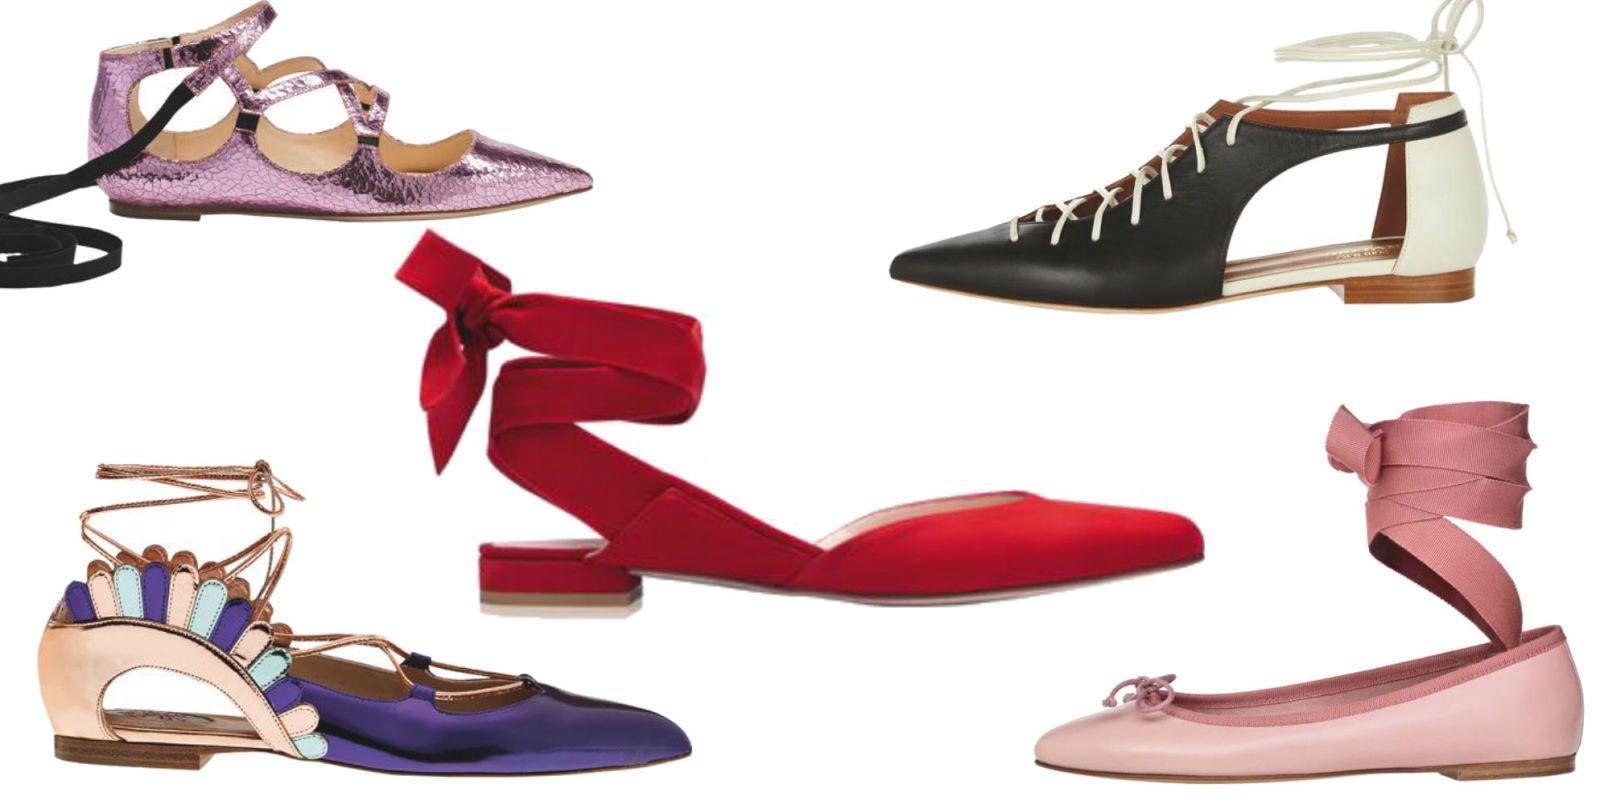 Ballerine Stringate: 18 Modelli Moda Primavera Estate 2017